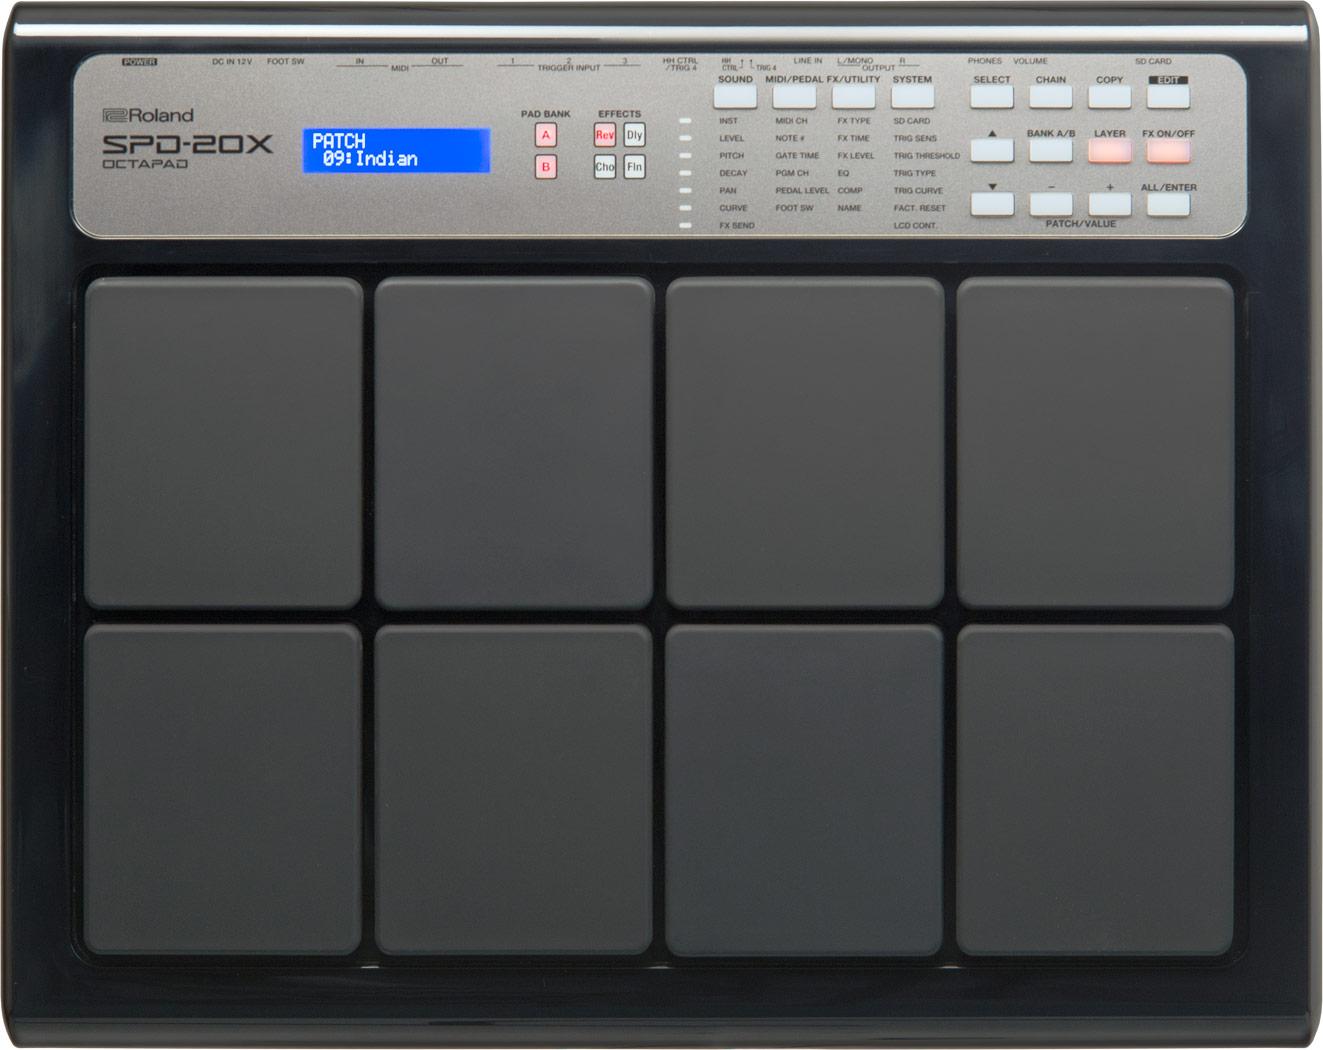 Roland Octapad Spd 20x Digital Percussion Pad